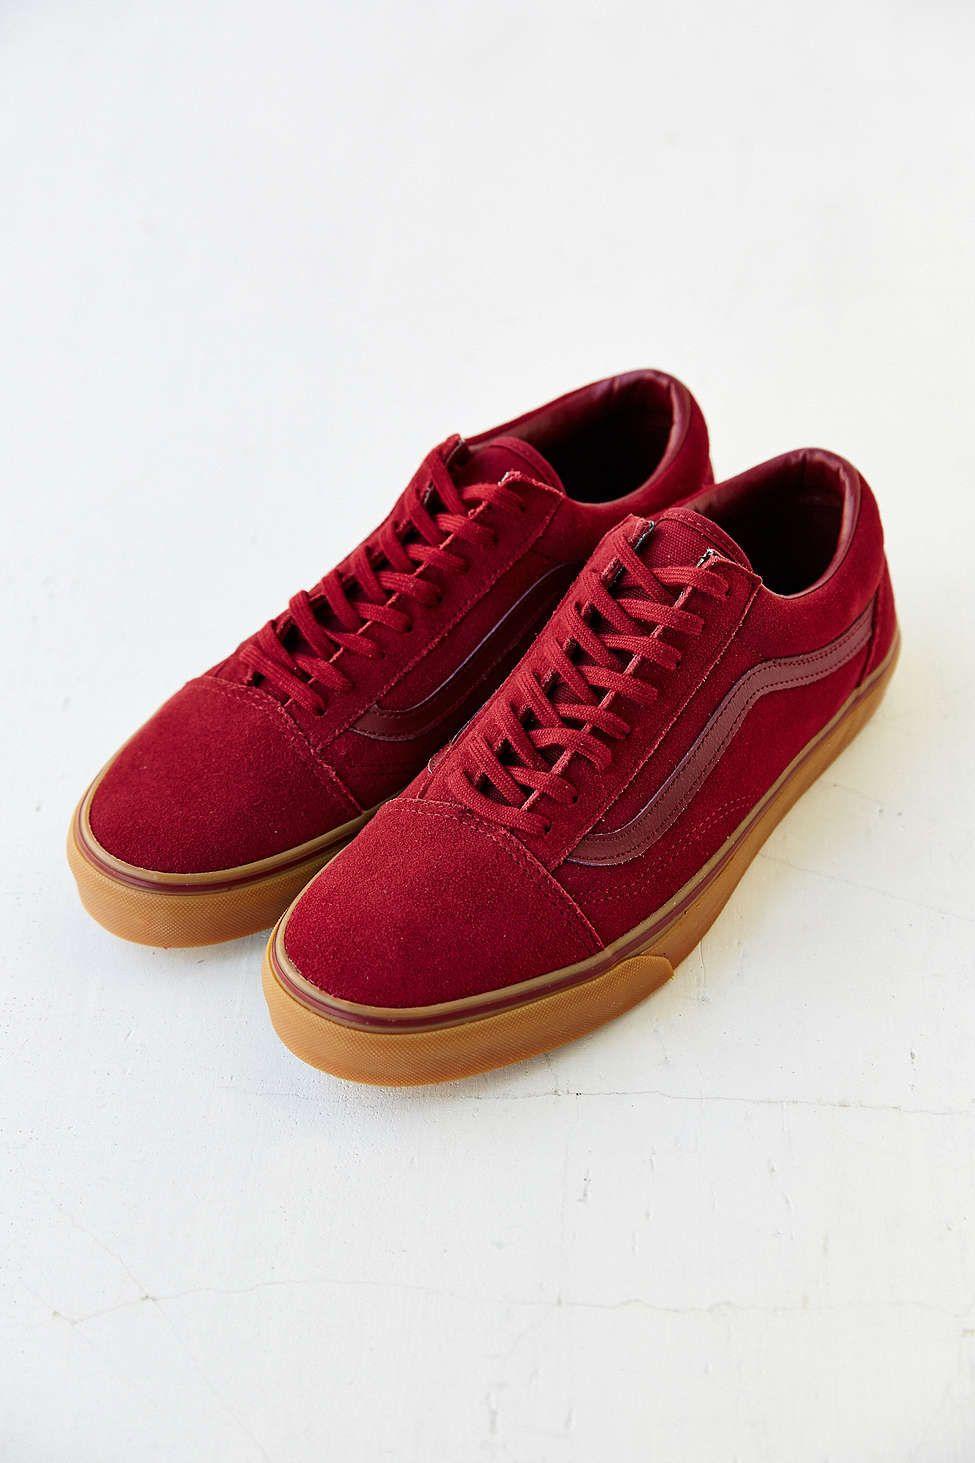 vans gum sole old skool red